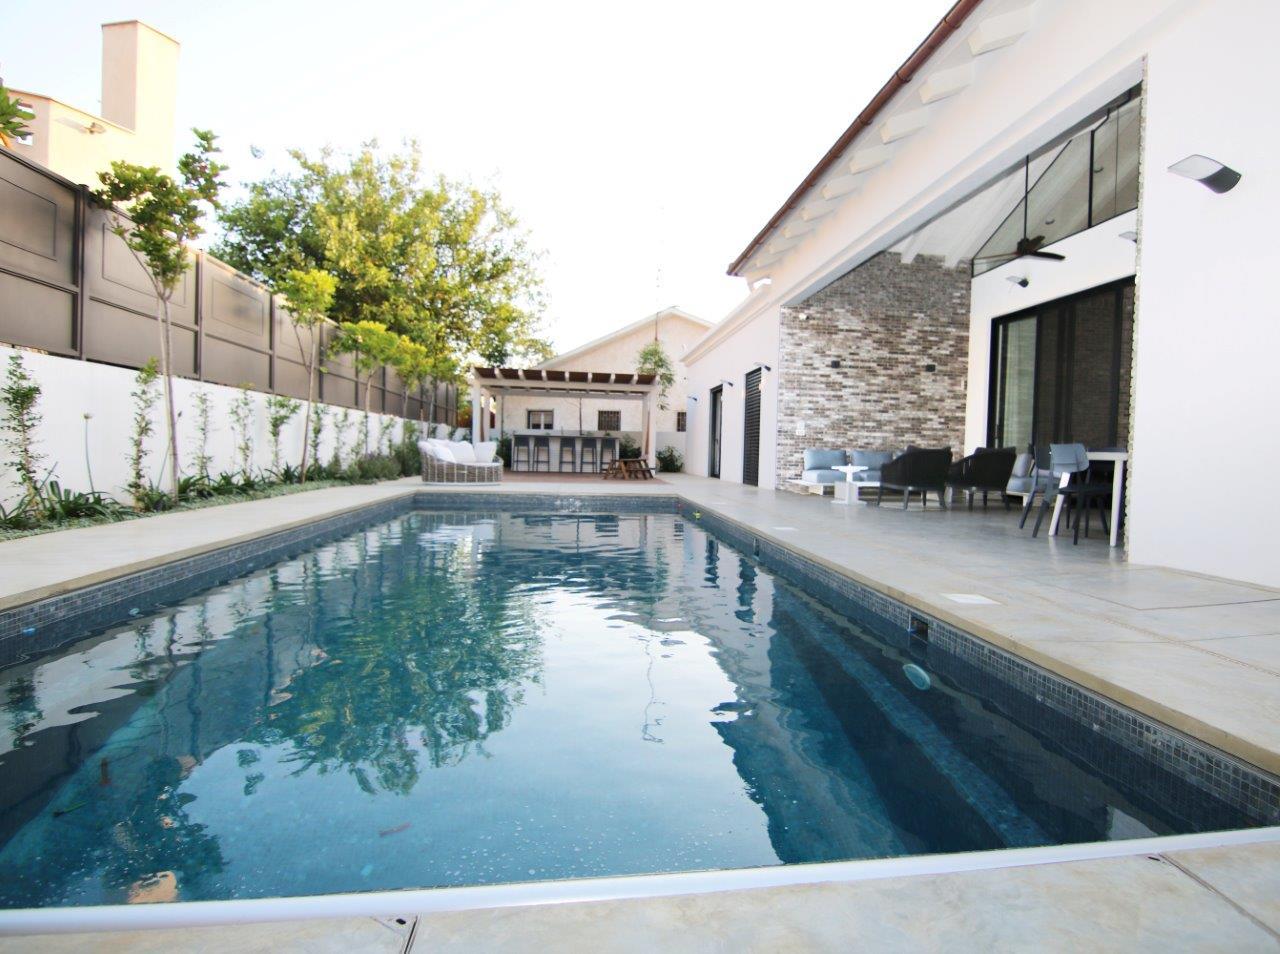 מודיעין וילות ודירות יוקרה למכירה - יוקרה אסטייט - בתים בחיפה ירושלים GF-49